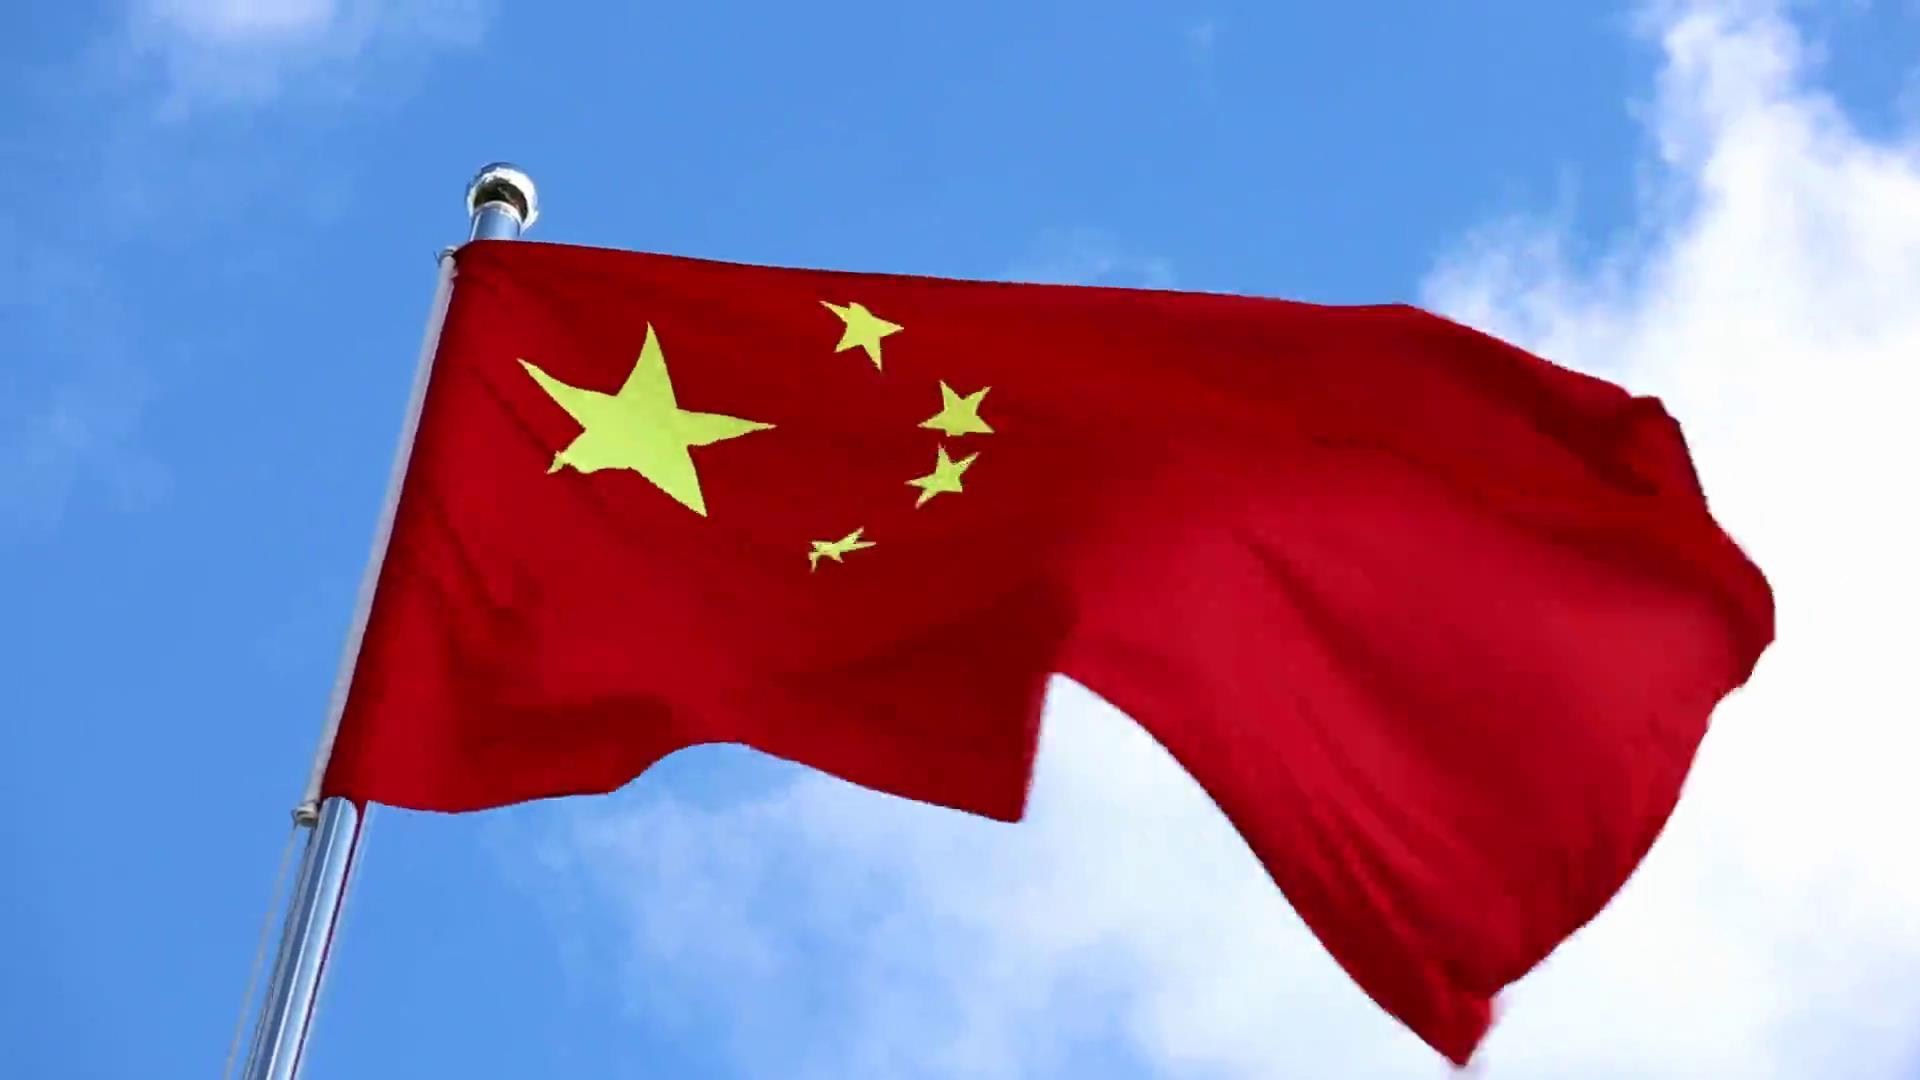 中国好声_【素材推荐】升起的五星红旗国旗飘扬视频素材-92素材网_AE模板 ...